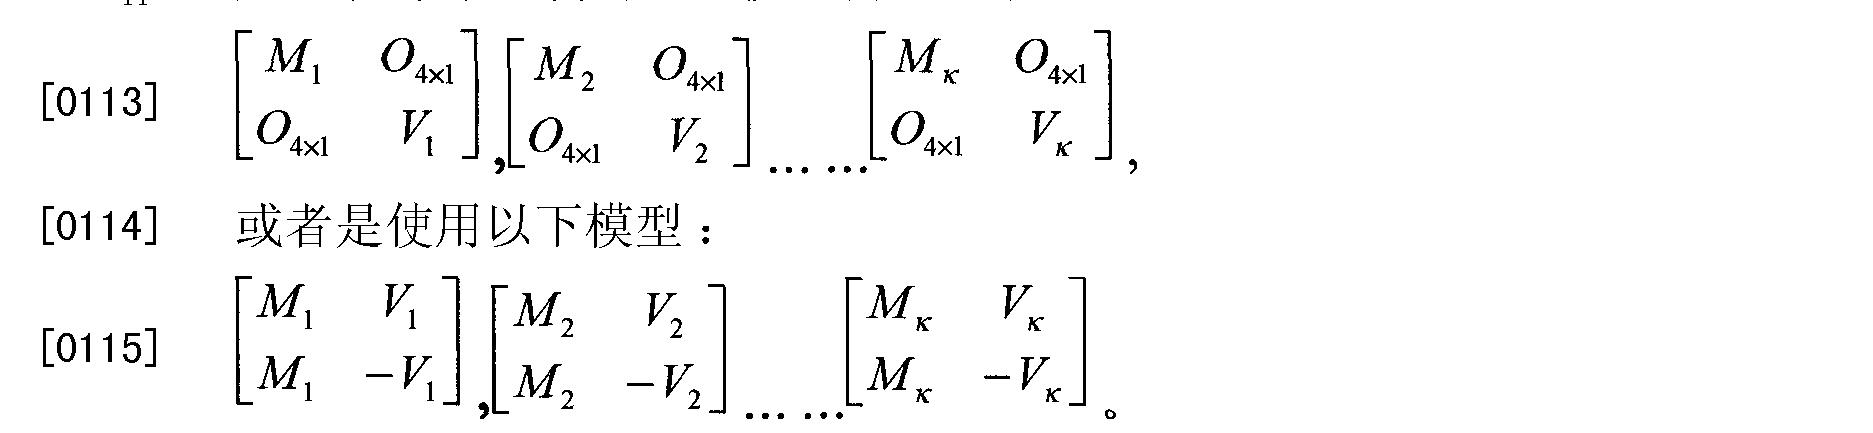 Figure CN101854236BD00155